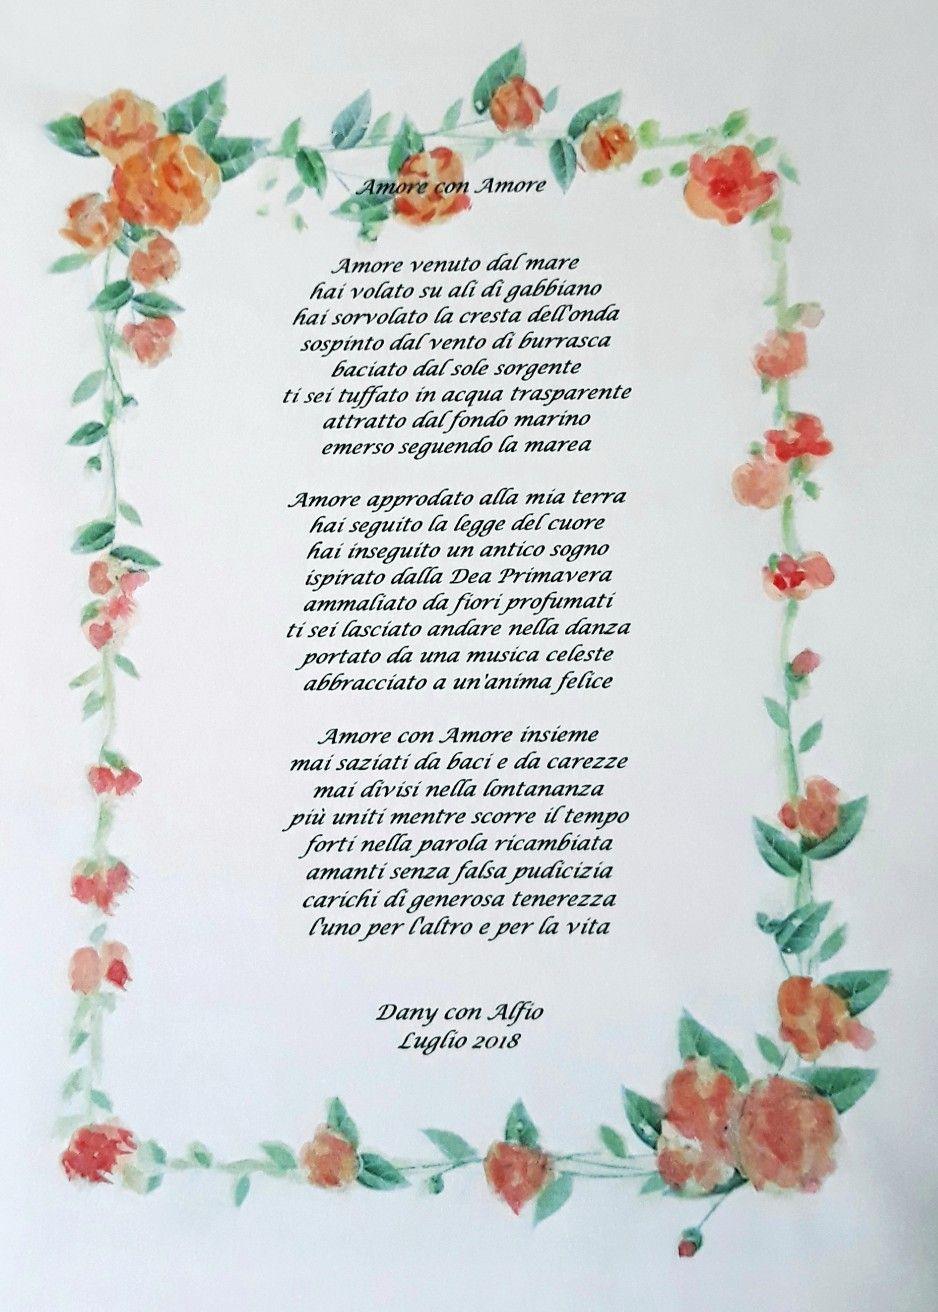 Poesie Per Anniversario Matrimonio.Anniversario Di Matrimonio Poesia Di Daniela Bertoni